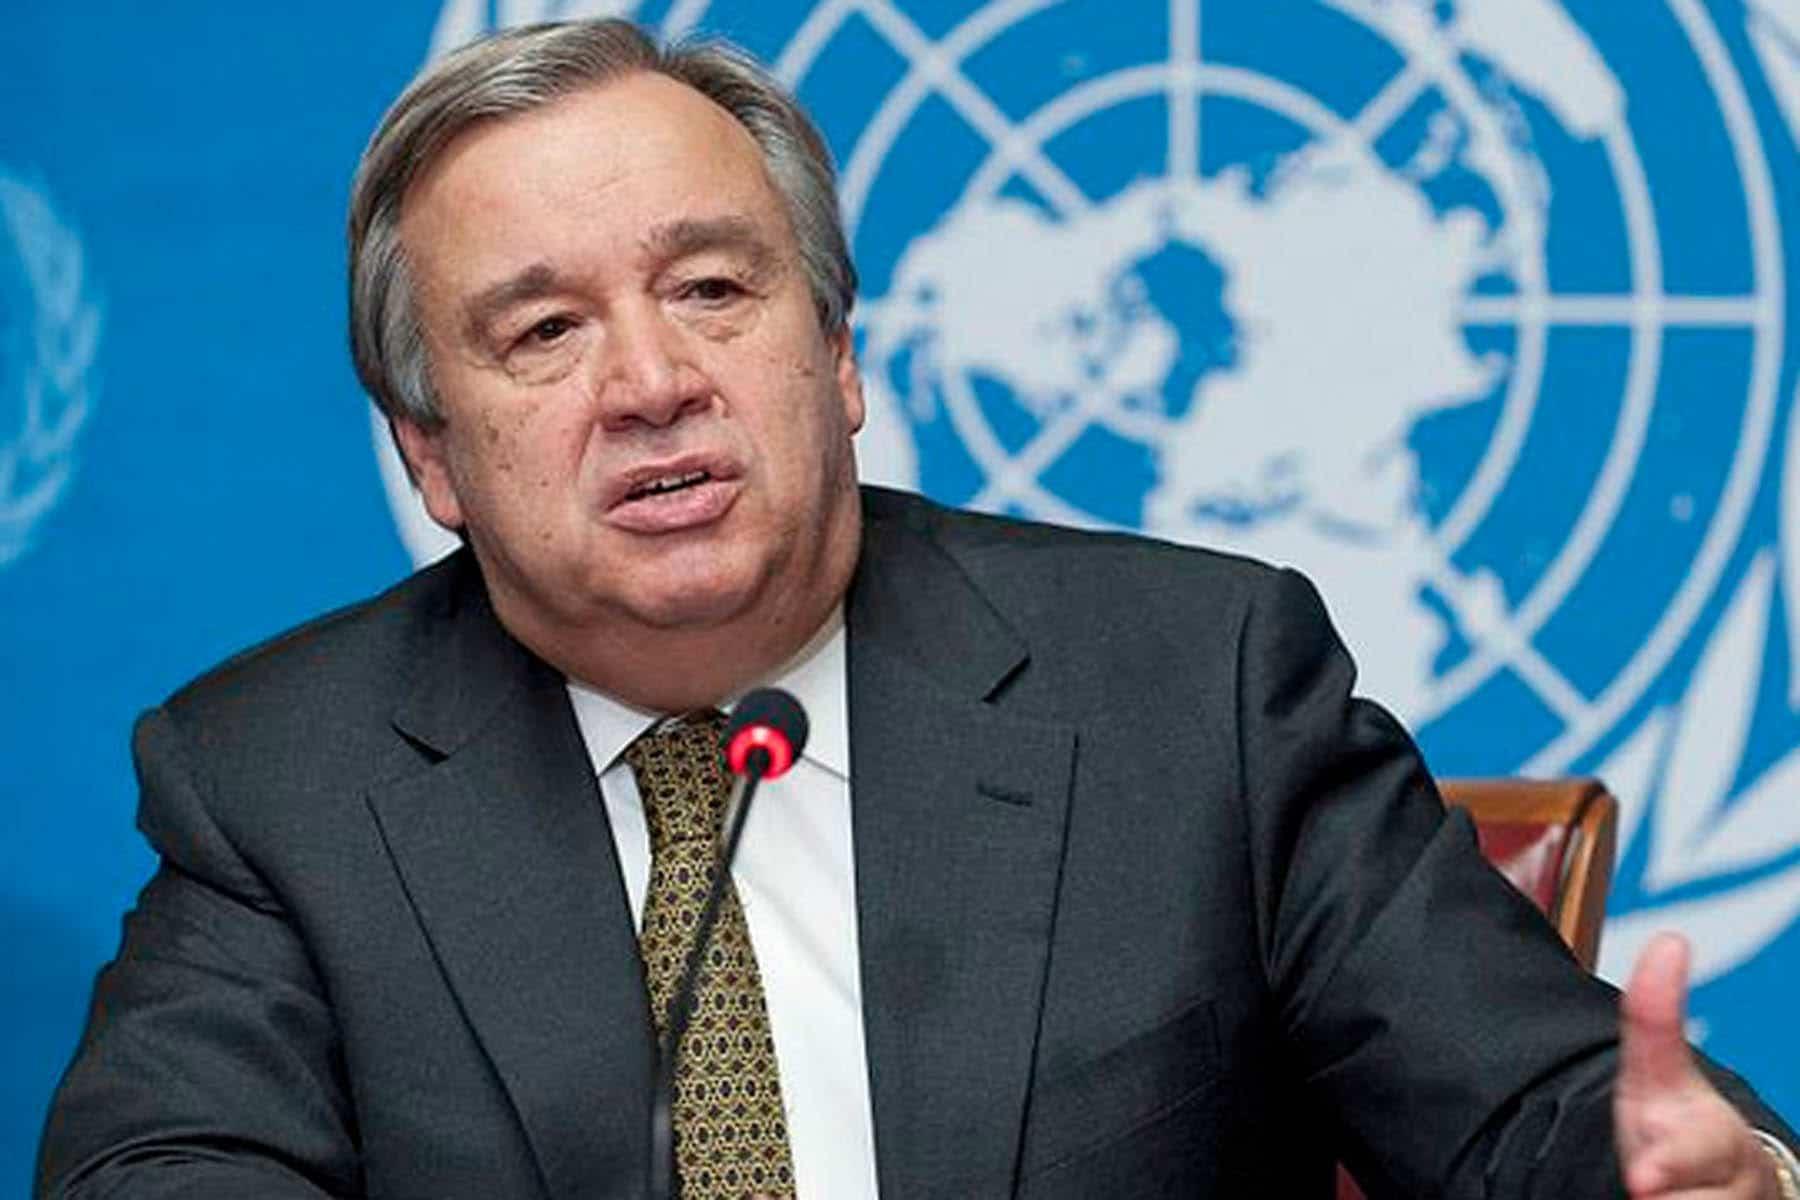 secretário-geral da onu renova oferta de mediar crise na venezuela - 3 guterres - Secretário-geral da ONU renova oferta de mediar crise na Venezuela